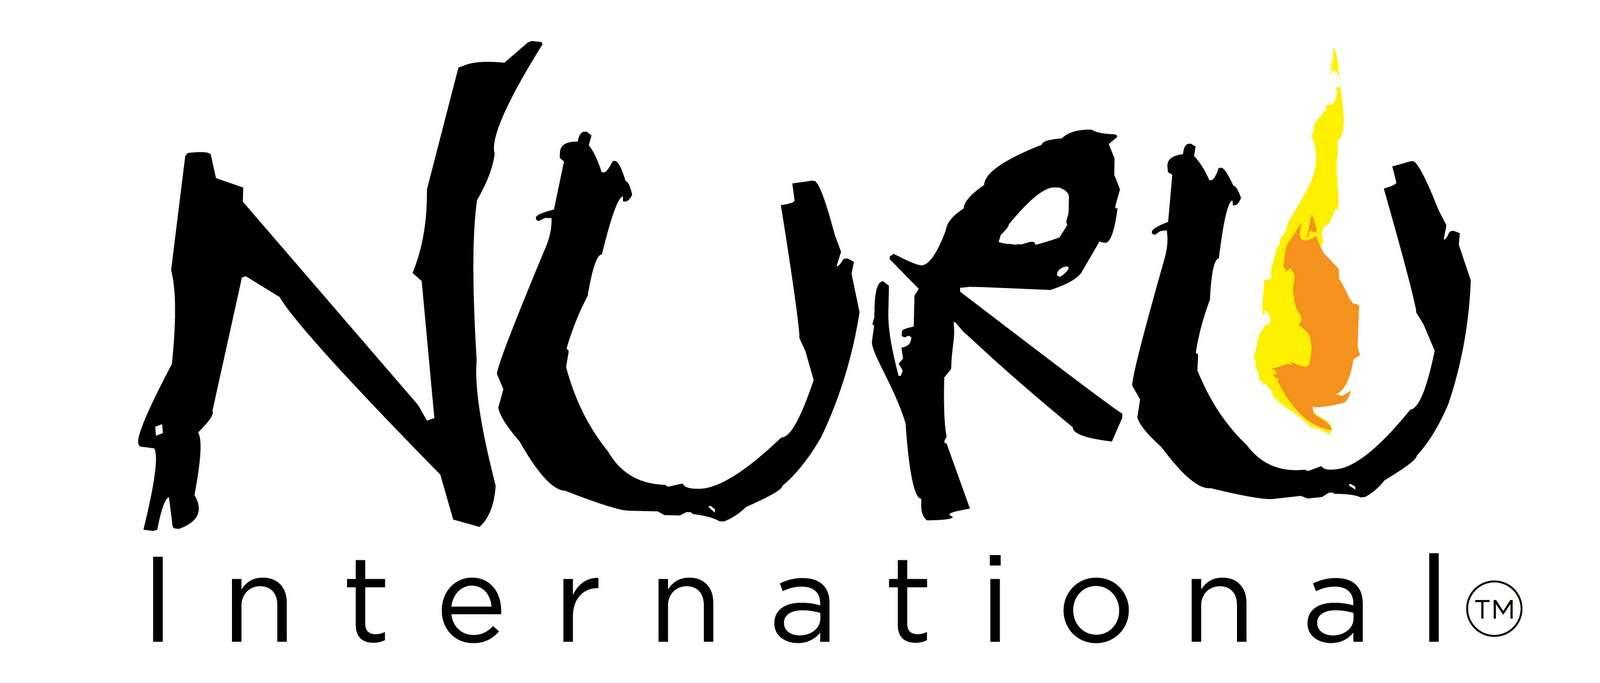 how to make nuru gel at home